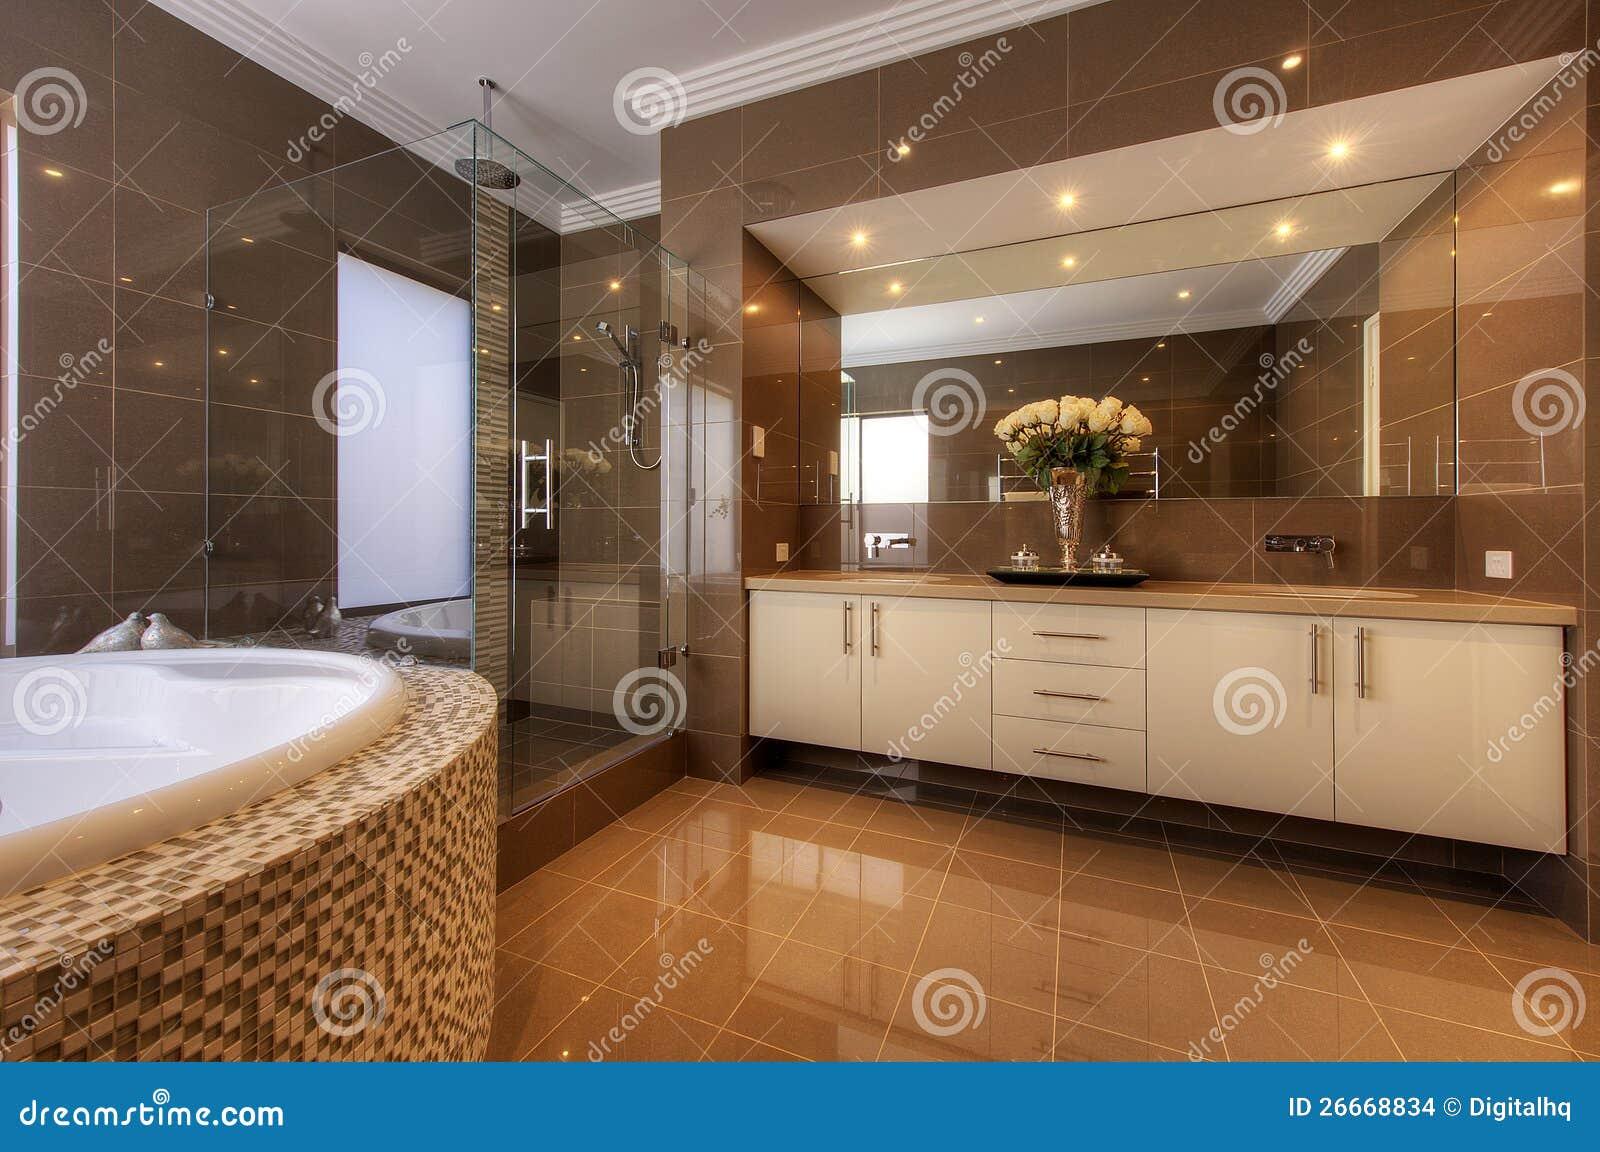 Stanza Da Bagno Di Lusso Nella Casa Moderna Immagini Stock - Immagine: 26668834